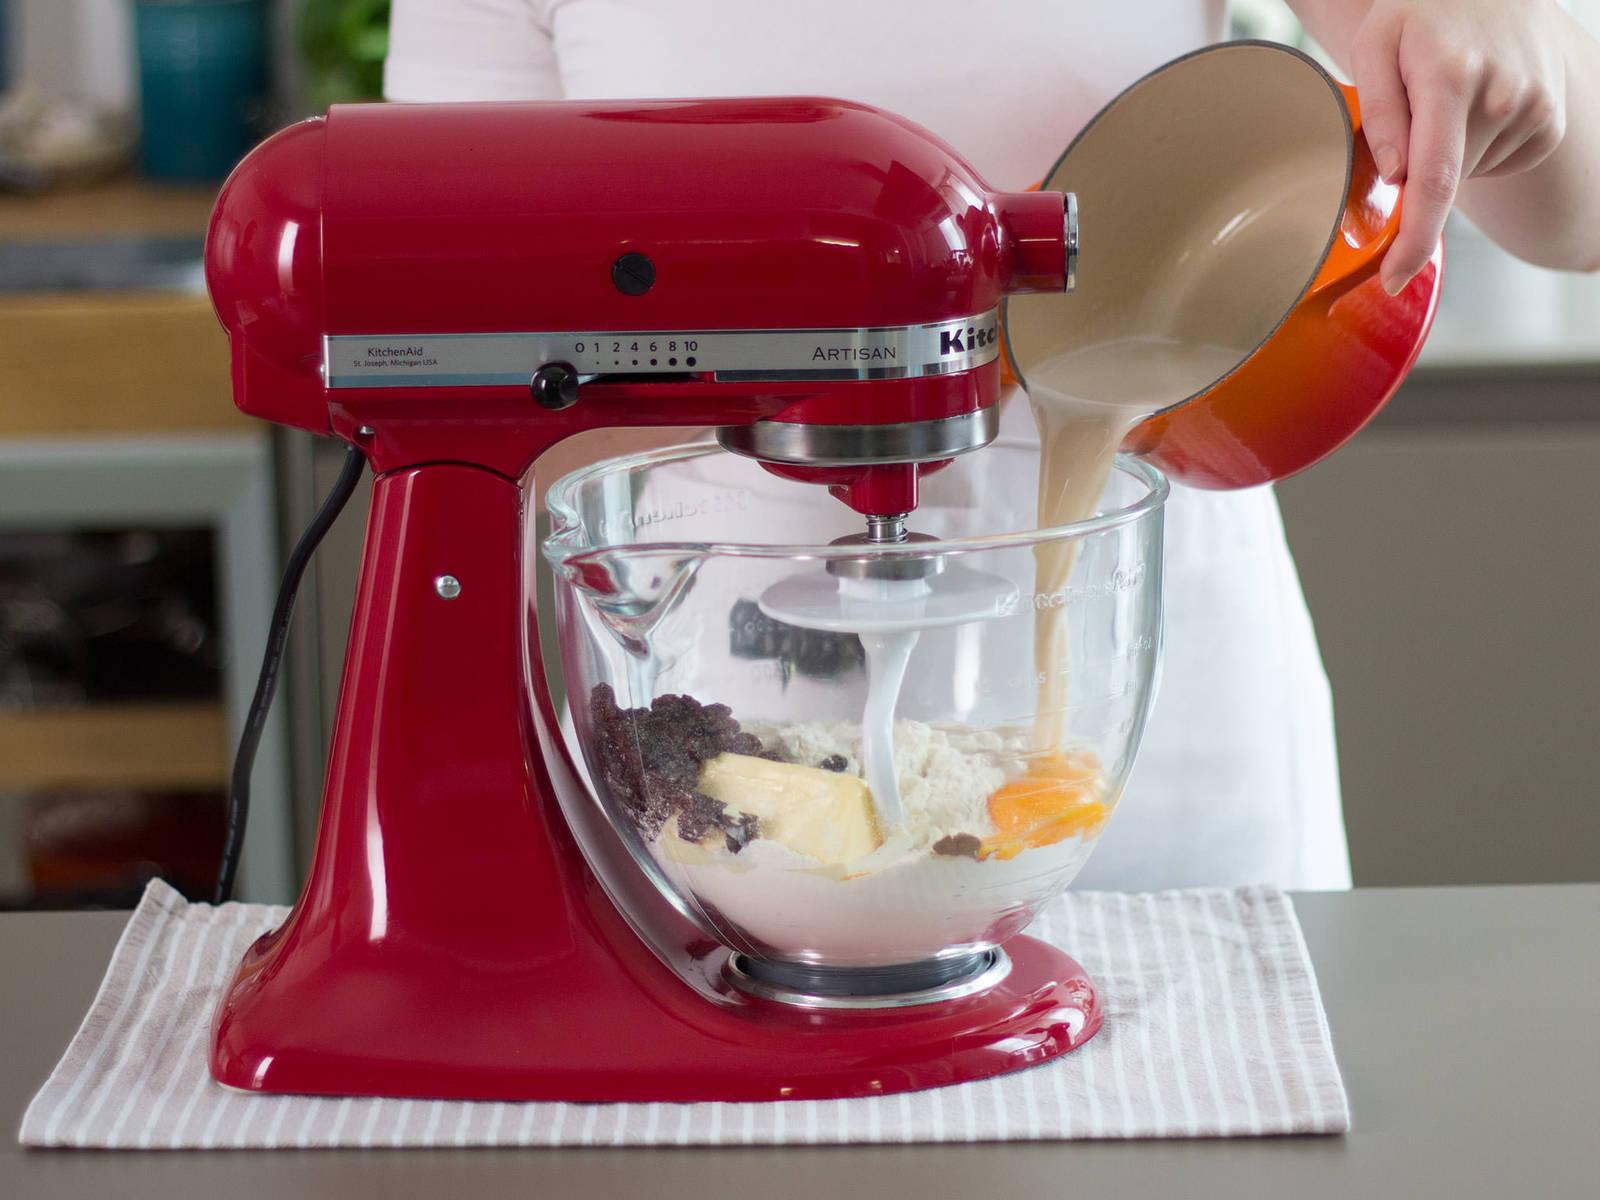 在立式搅拌机中加入部分面粉、第一步中制好的黄油、葡萄干、蛋黄、肉桂和牛奶混合物,搅拌3-5分钟。盖住面团,让其在温暖环境中静置30-35分钟。